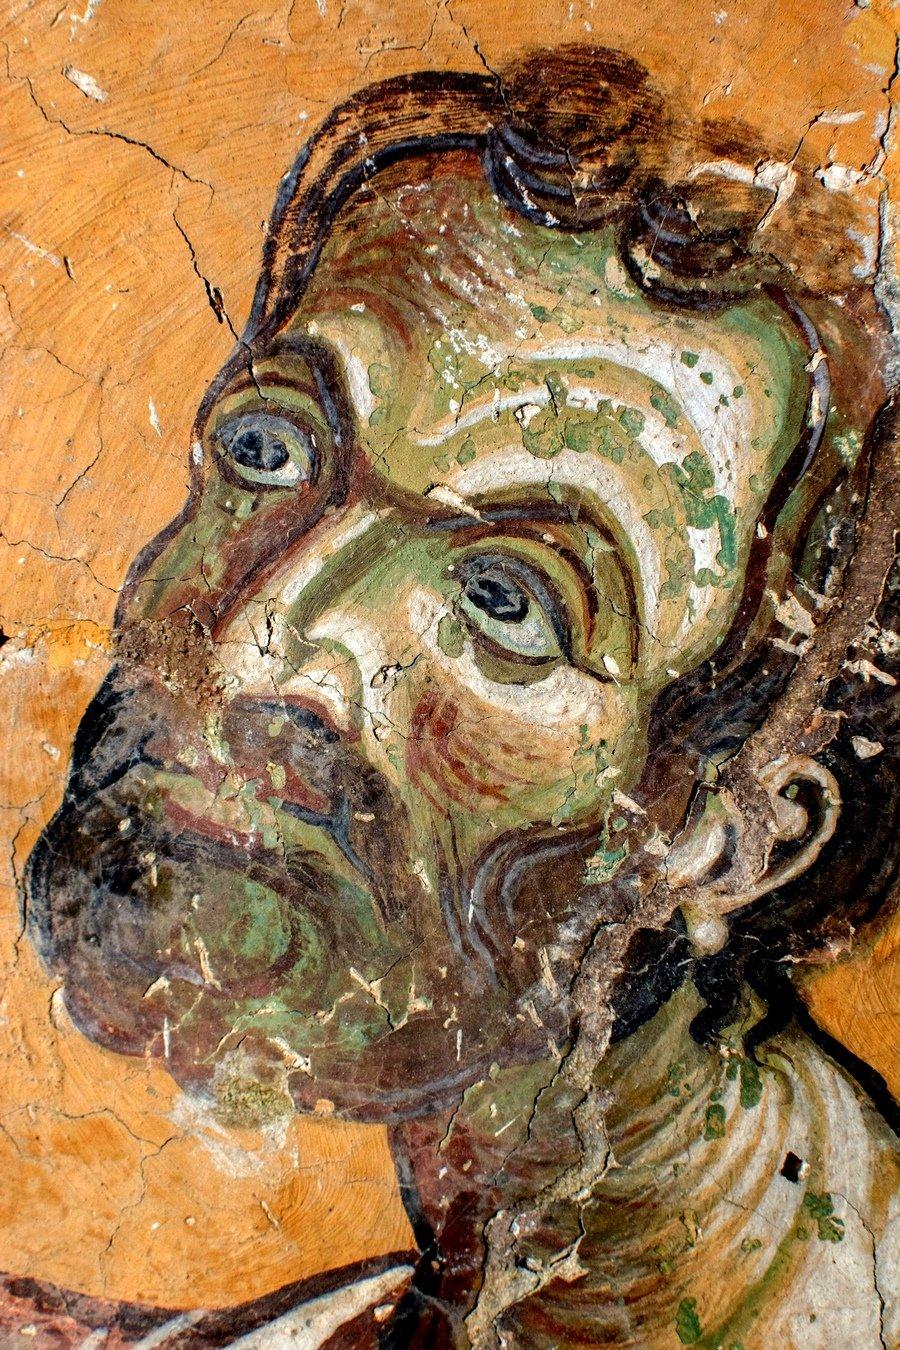 Святой Апостол и Евангелист Марк. Фреска церкви Святого Георгия в Курбиново, Македония. 1191 год.